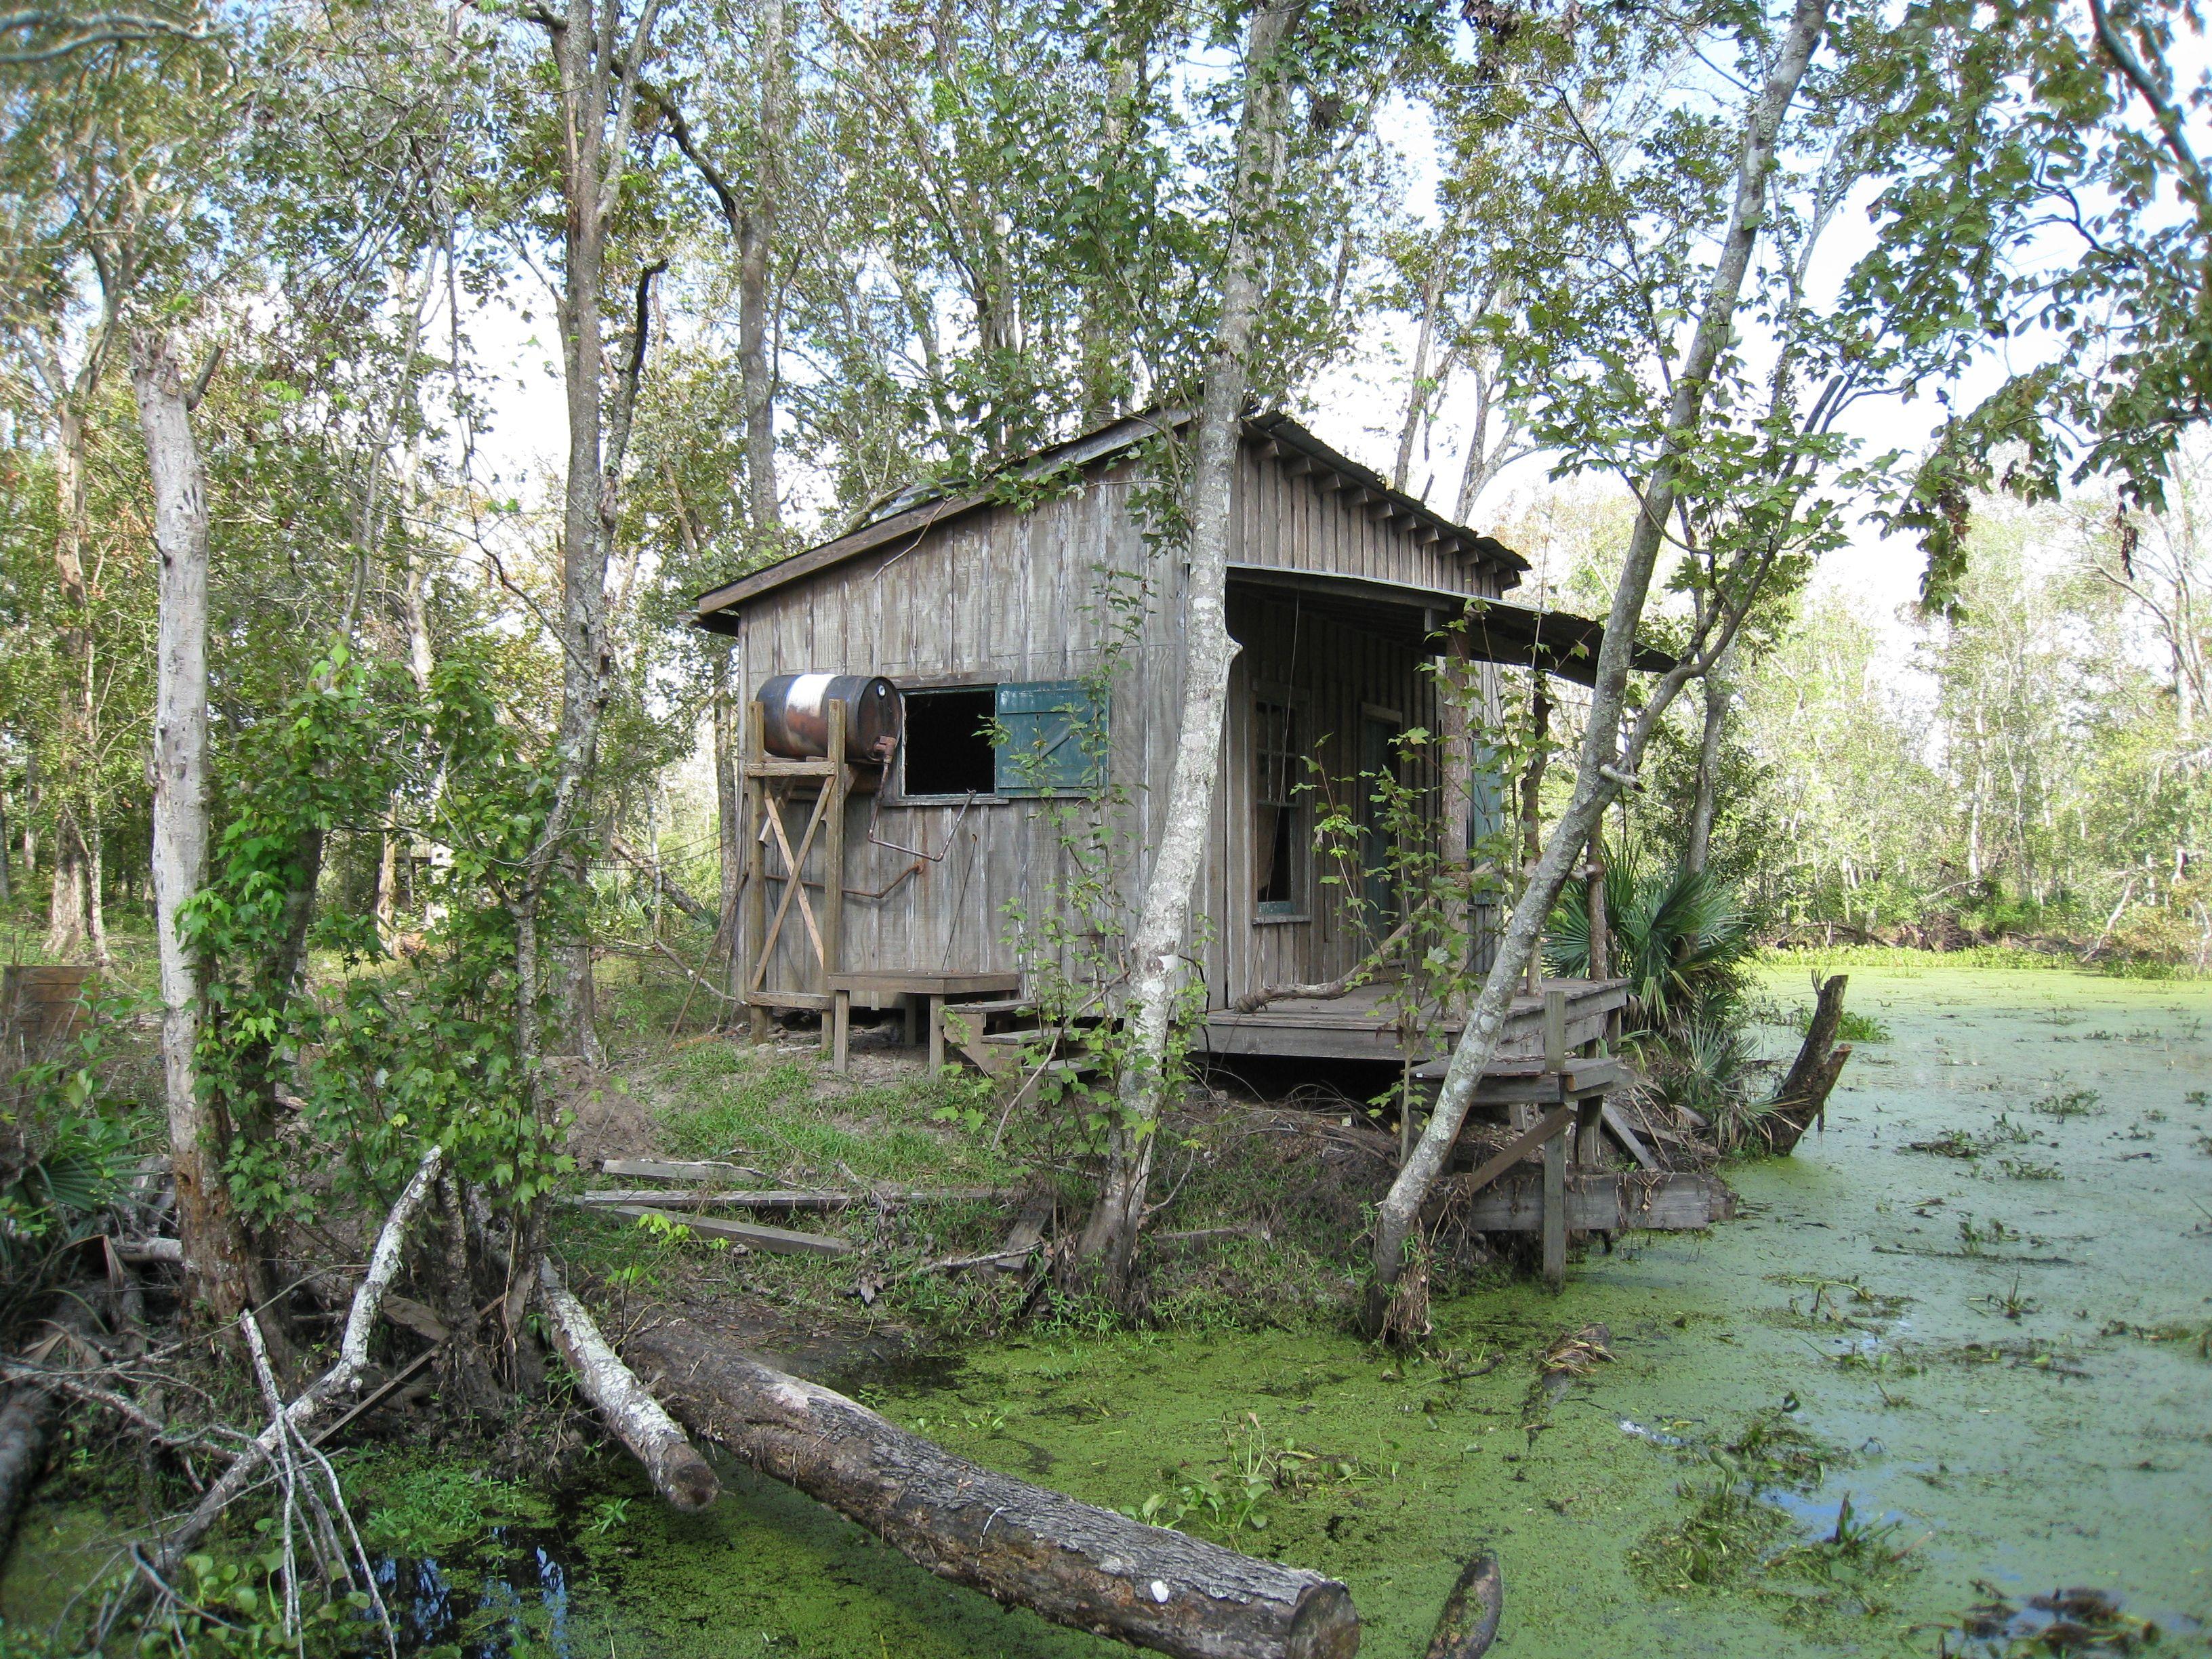 Louisiana bayou shack louisiana bayou shack louisiana for Shack homes